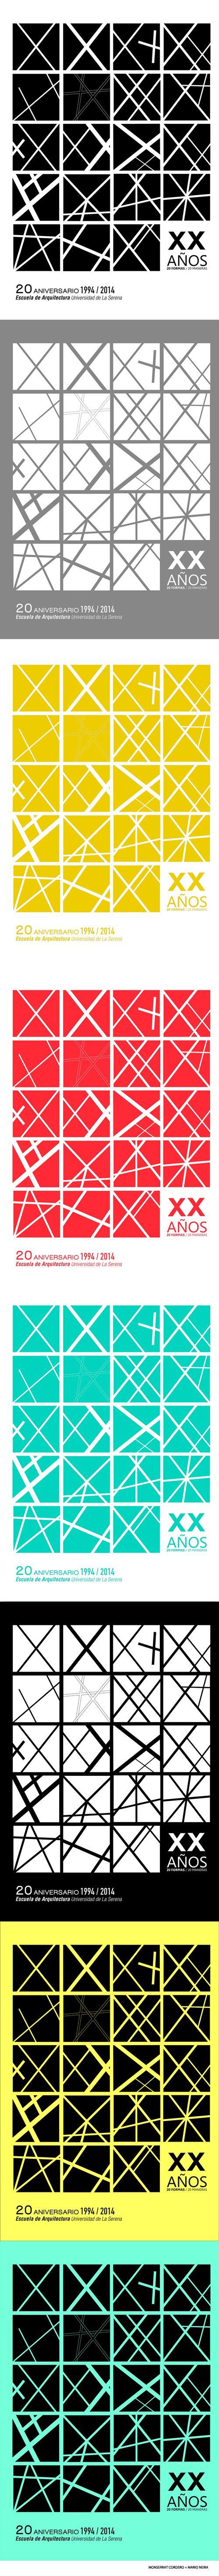 prueba de colores de #afiche ganador 20 años, Escuela de Arquitectura Universidad de La Serena #Graphic #poster Mario Neira + Monserrat Cordero 2014